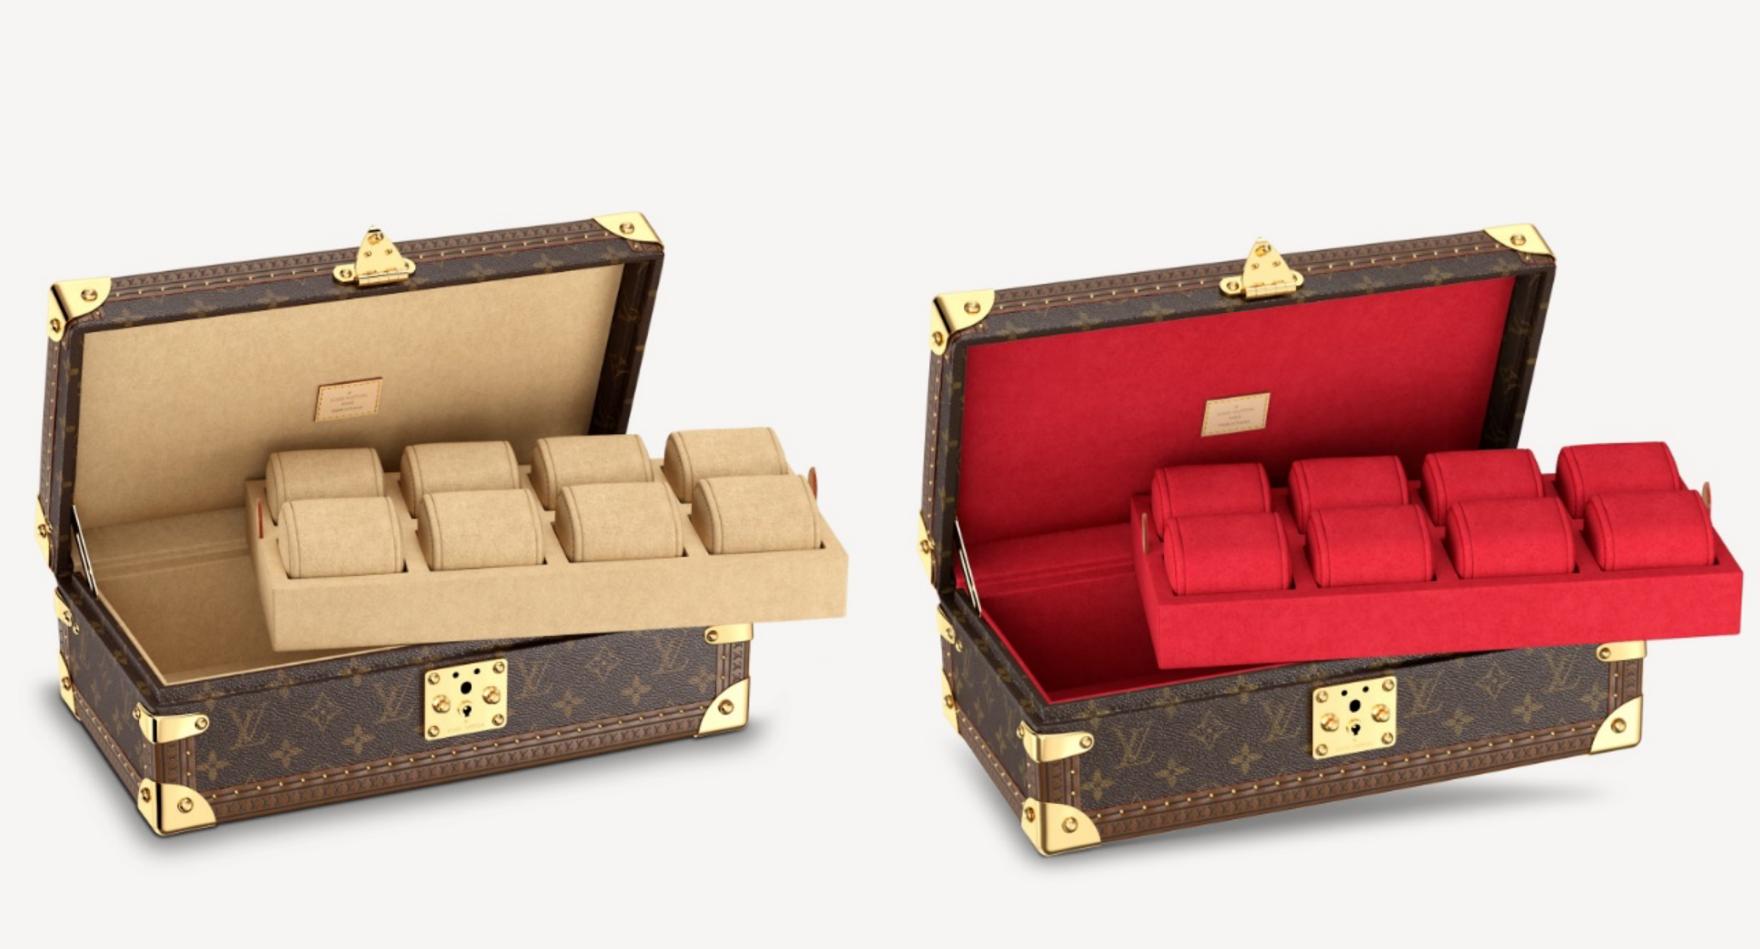 Boite Montres - hộp đựng đồng hồ với phần khay có thể tháo rời.